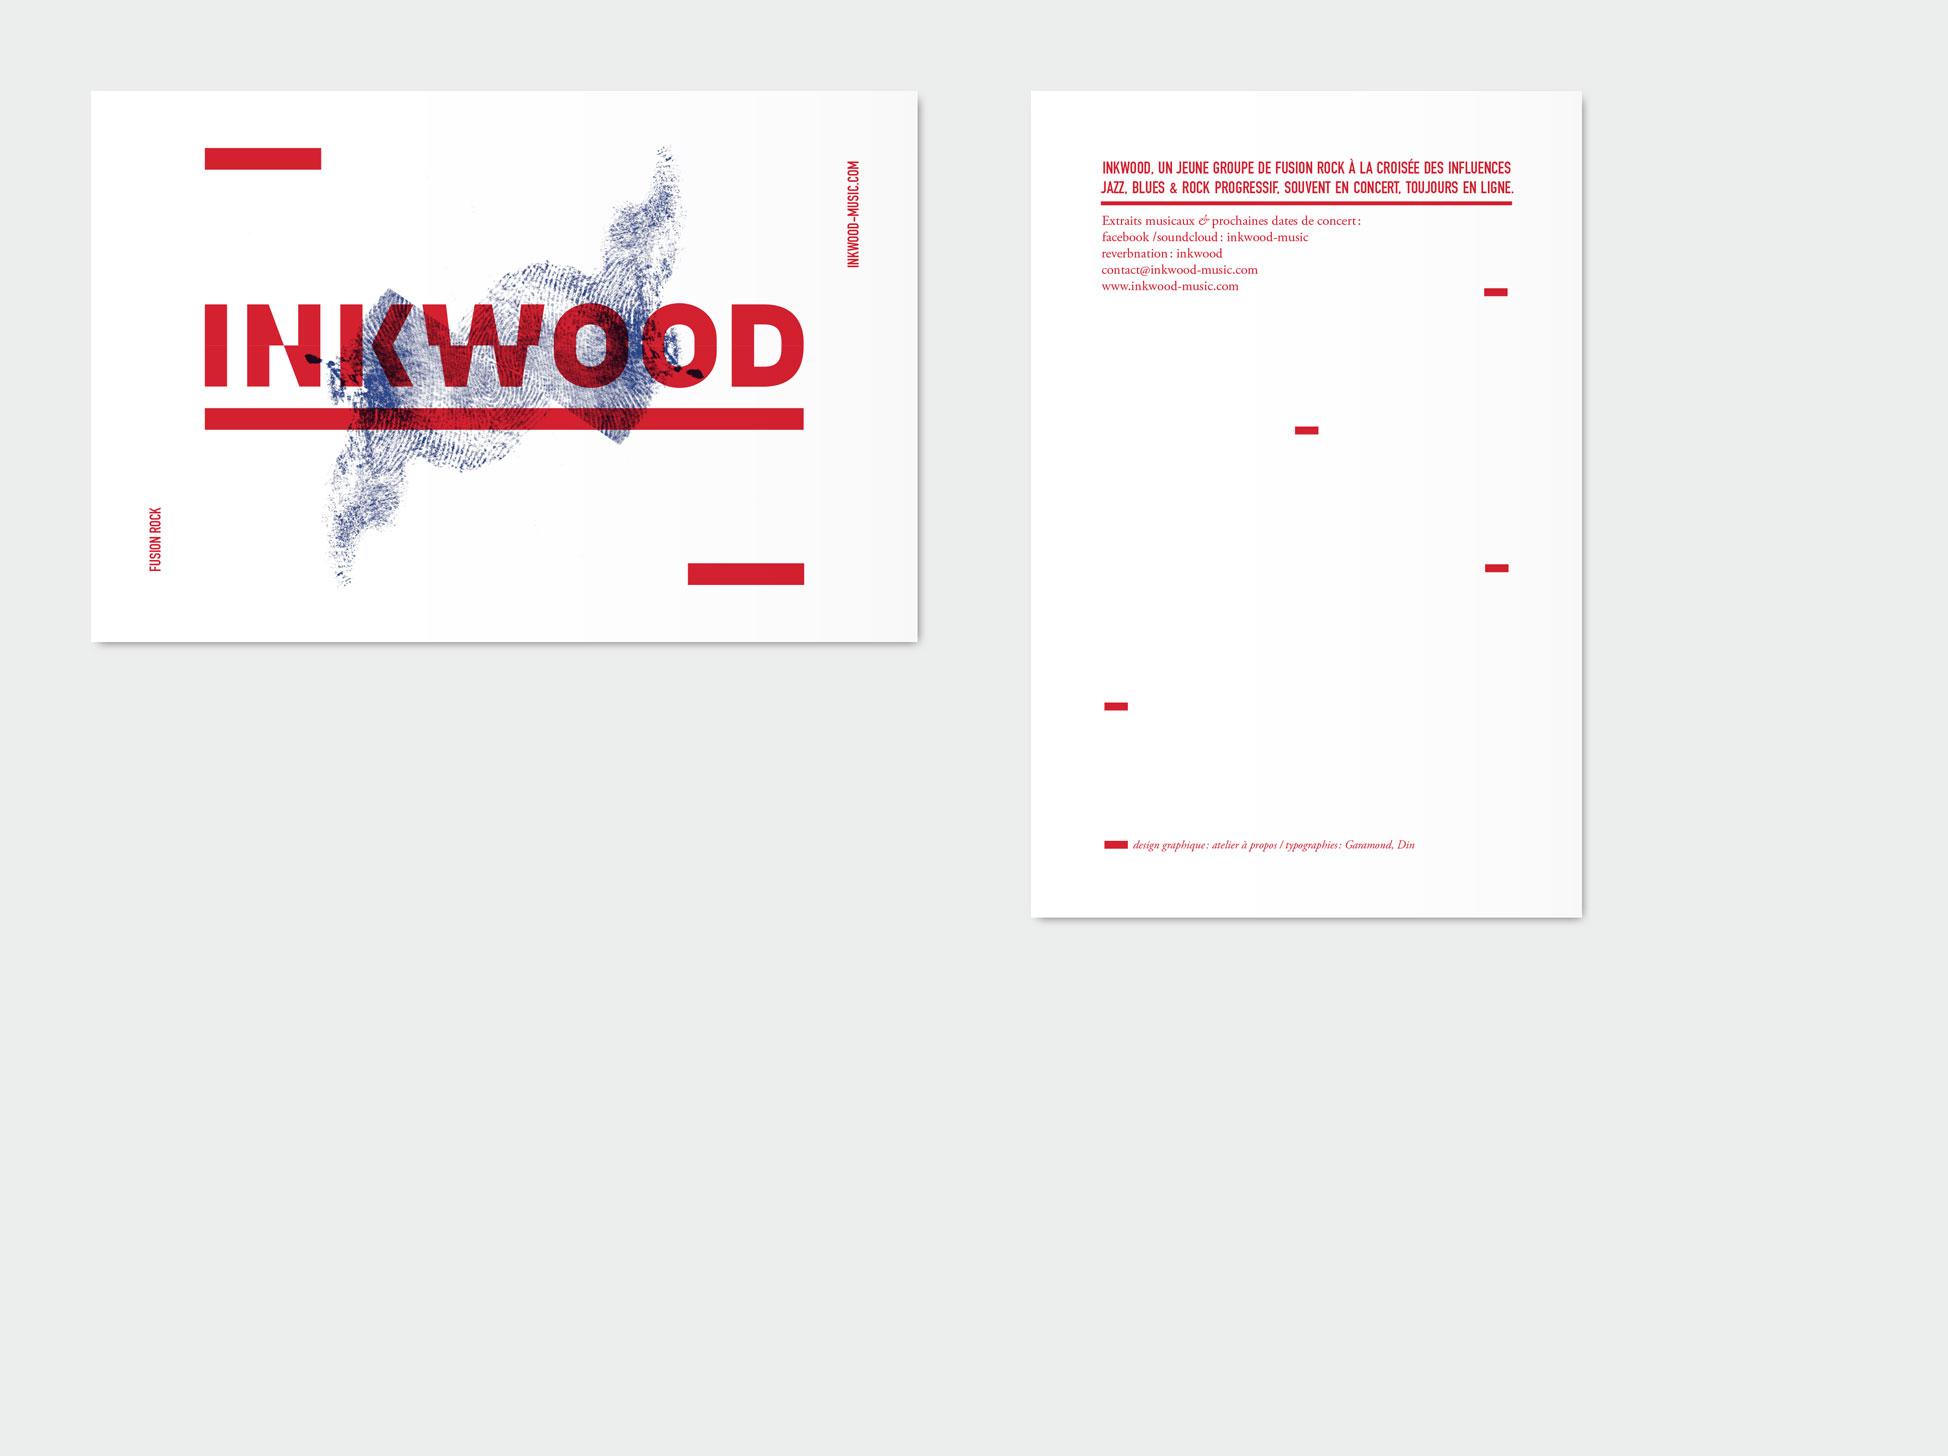 Inkwood / Atelier à Propos (2)